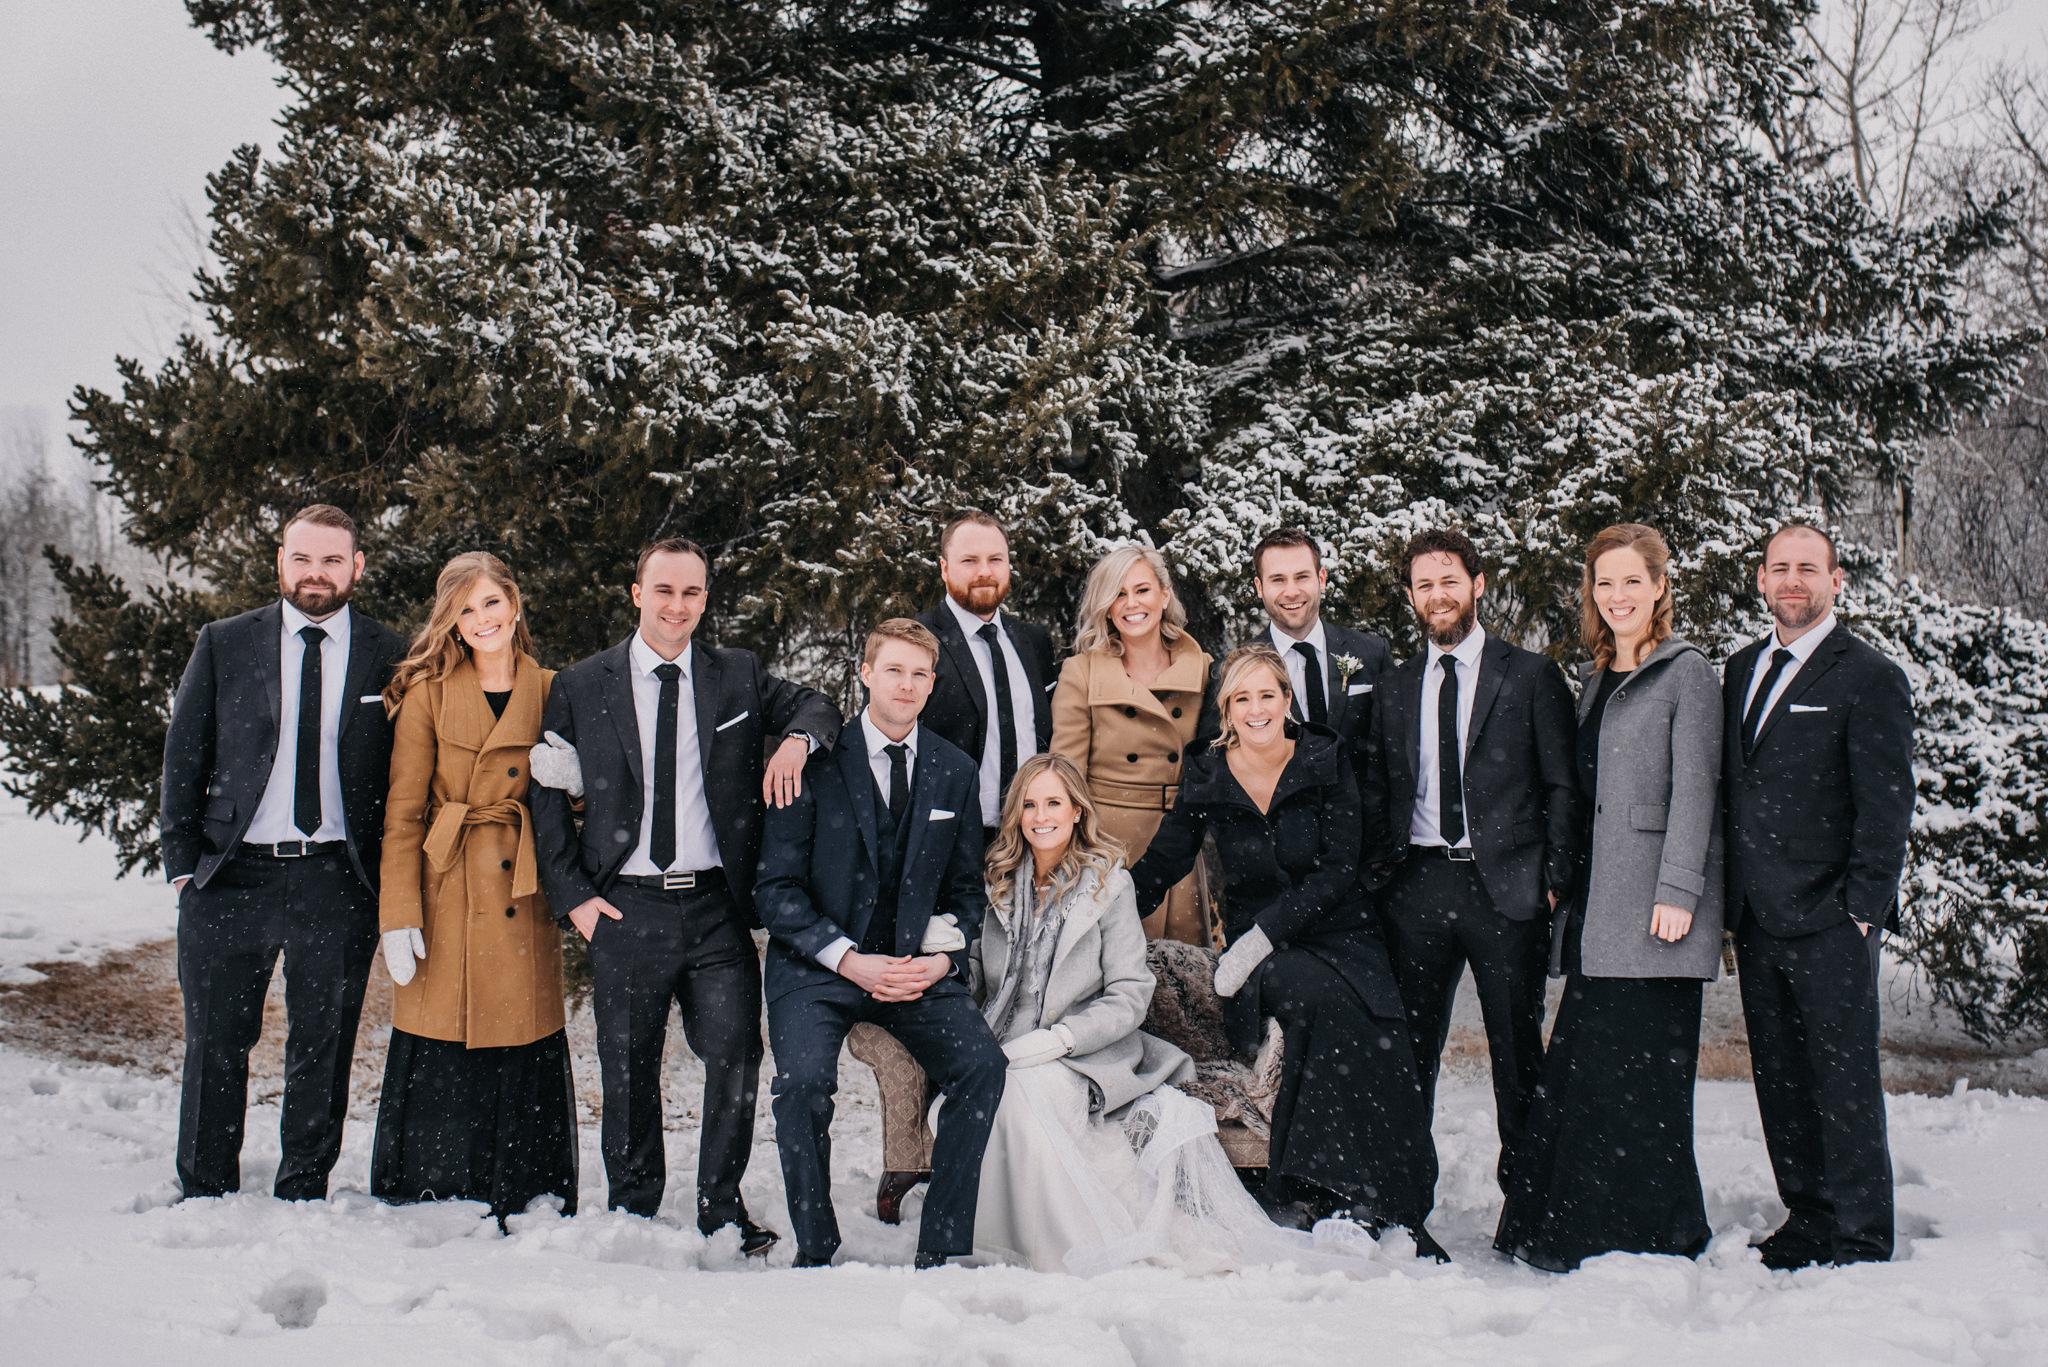 snowy wedding party